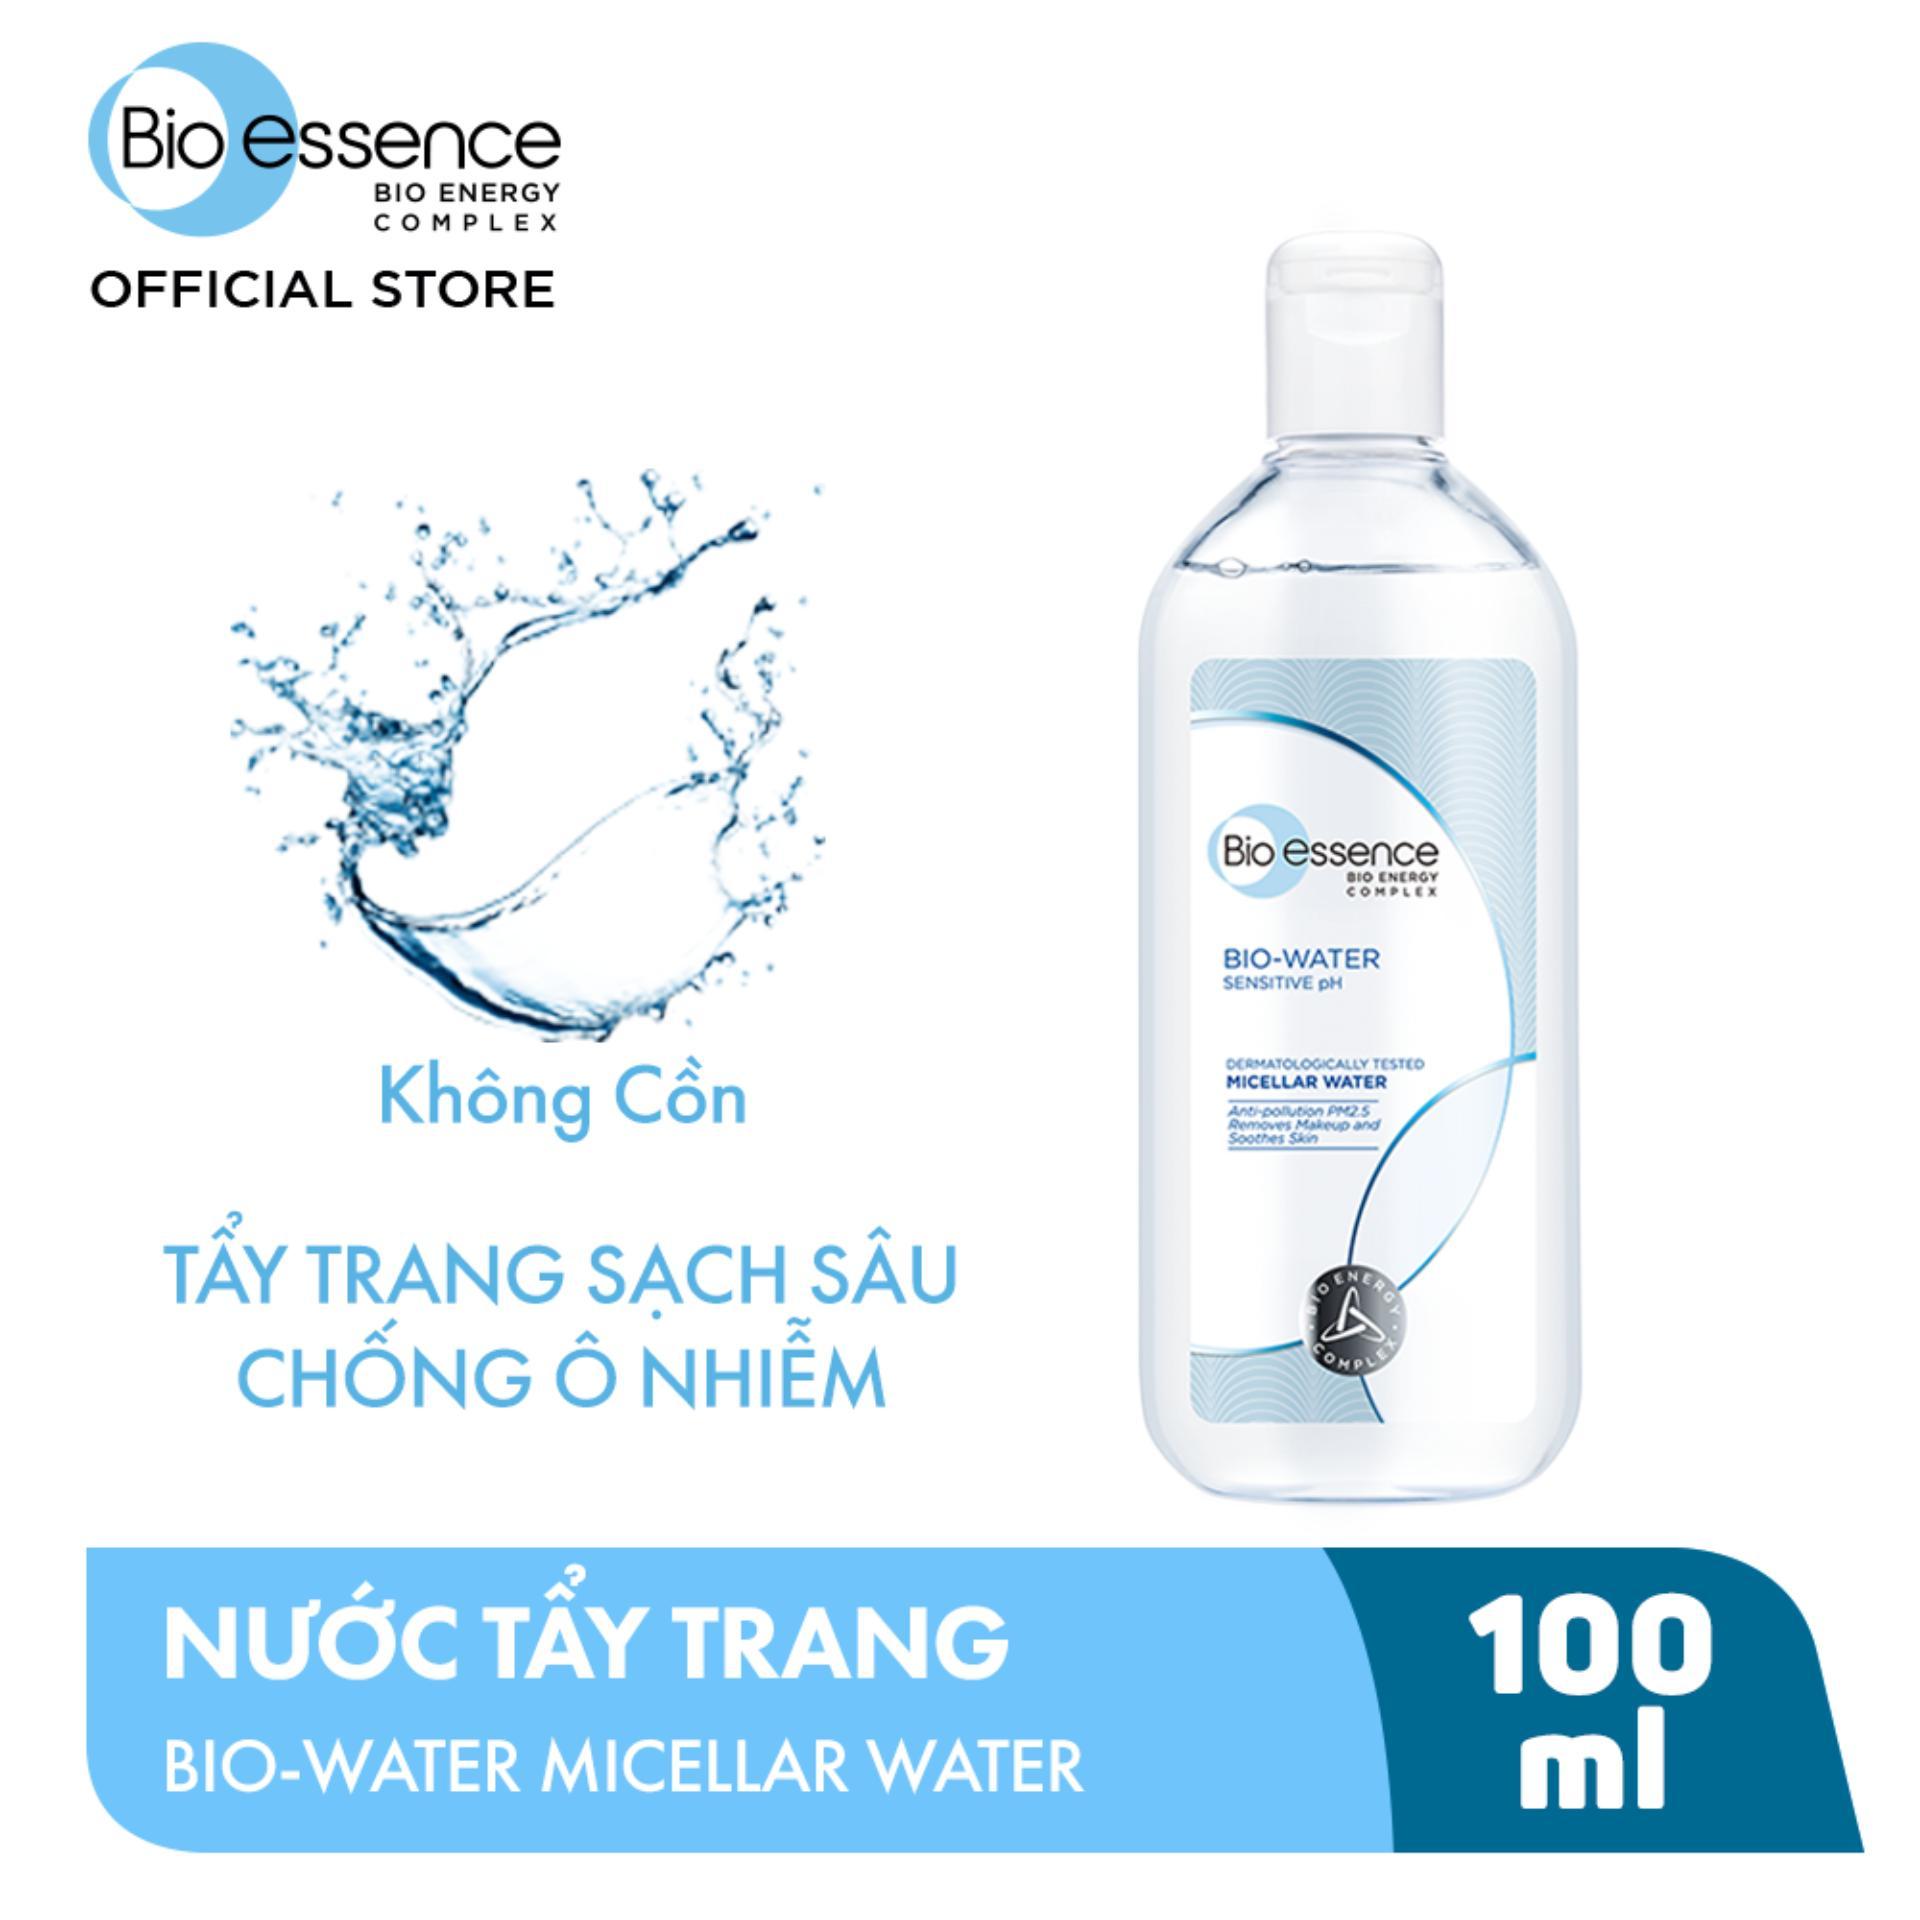 NƯỚC TẨY TRANG ẨM MƯỢT MỊN MÀNG BIO-ESSENCE WATER MICELLAR WATER 100ML tốt nhất